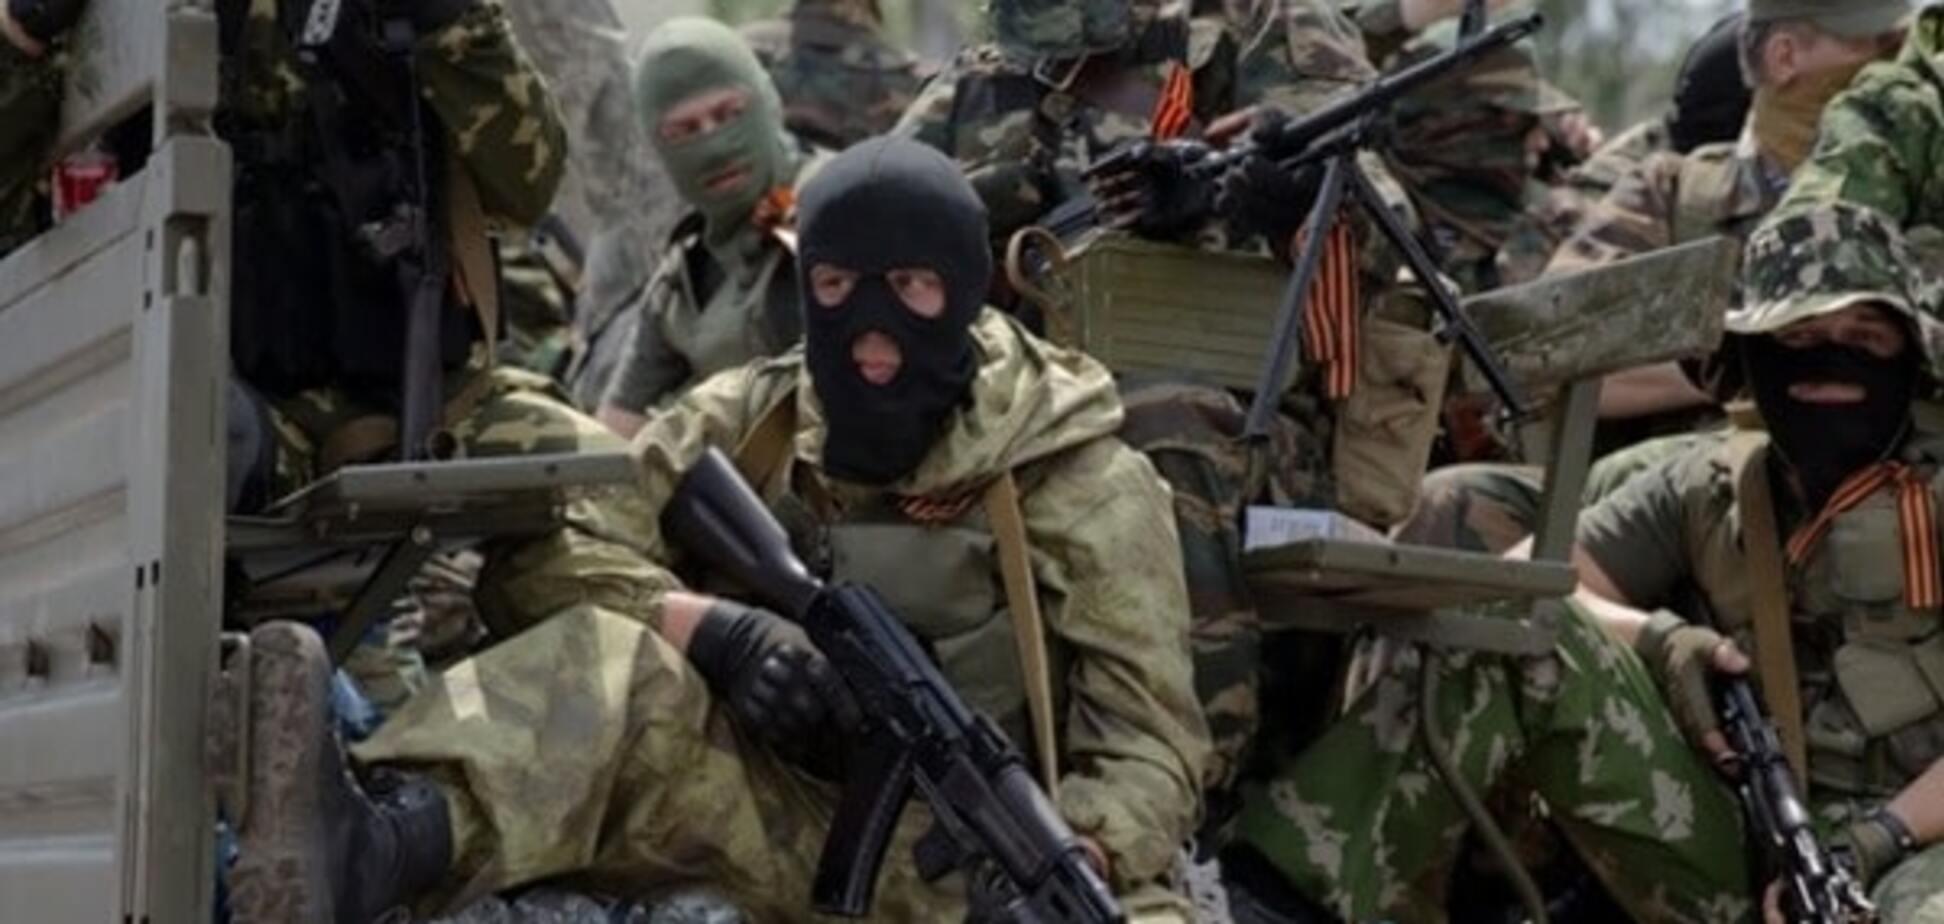 Не плодити дезертирів: у бойовиків на Донбасі відбирають паспорти